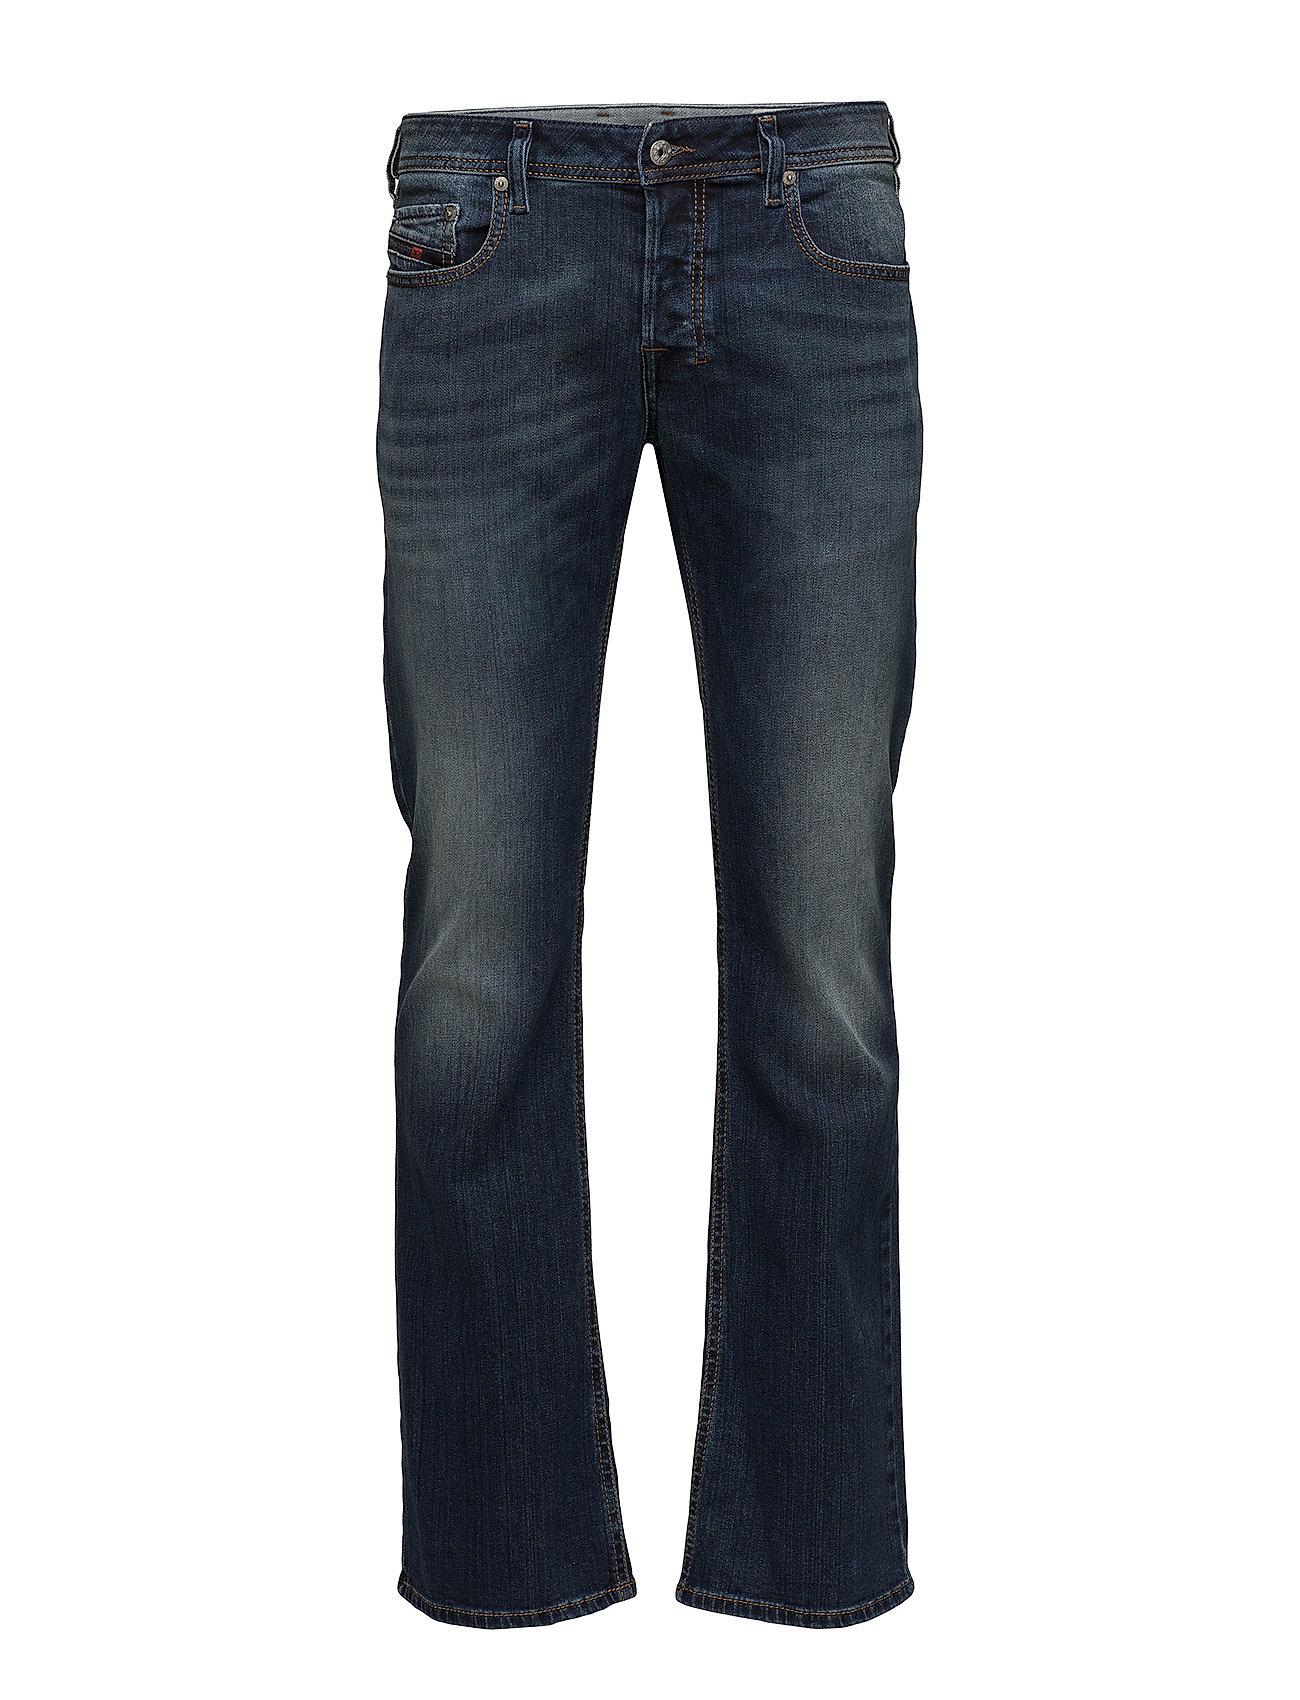 Zatiny Trousers - Diesel Men